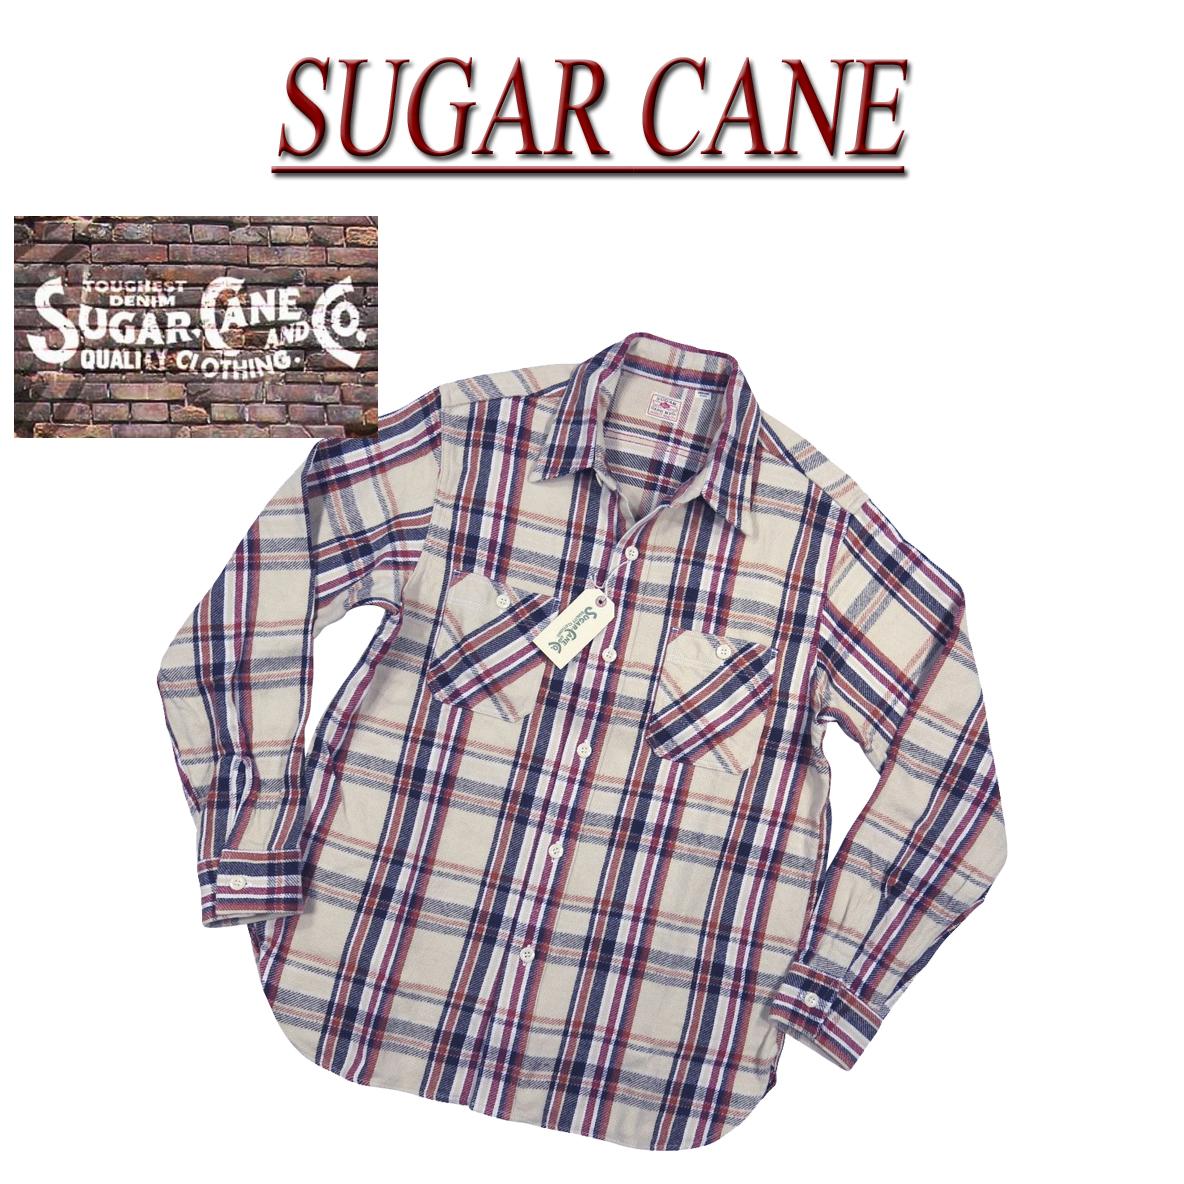 【4サイズ】 nb041 新品 SUGAR CANE 日本製 マチ付 チェック 長袖 ヘビーネルシャツ SC28235 メンズ シュガーケーン TWILL CHECK L/S WORK SHIRT ツイル ワークシャツ Made in JAPAN 【smtb-kd】